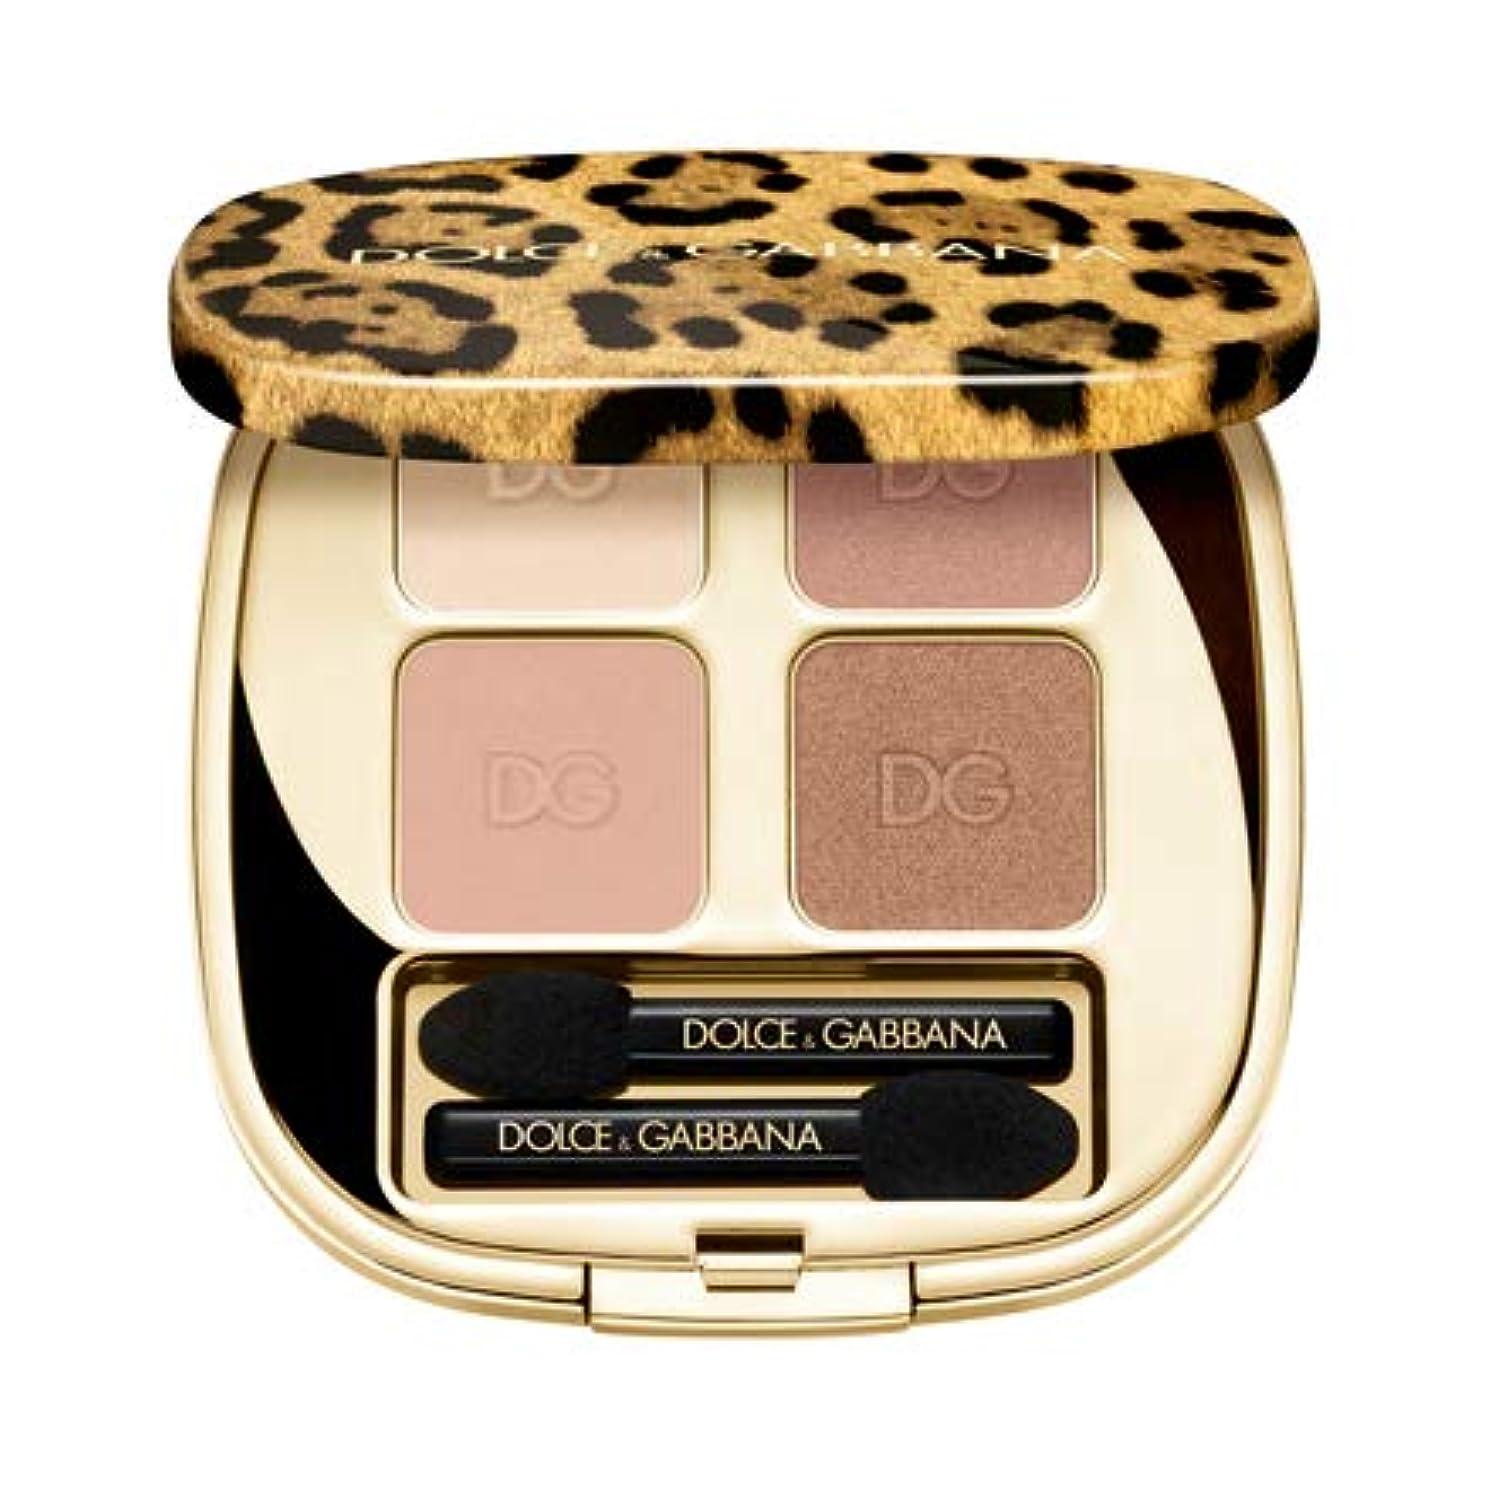 背の高いパックファン【Dolce & Gabbana(ドルチェ&ガッバーナ)】フェリンアイズ インテンスアイシャドウ クアッド (5)